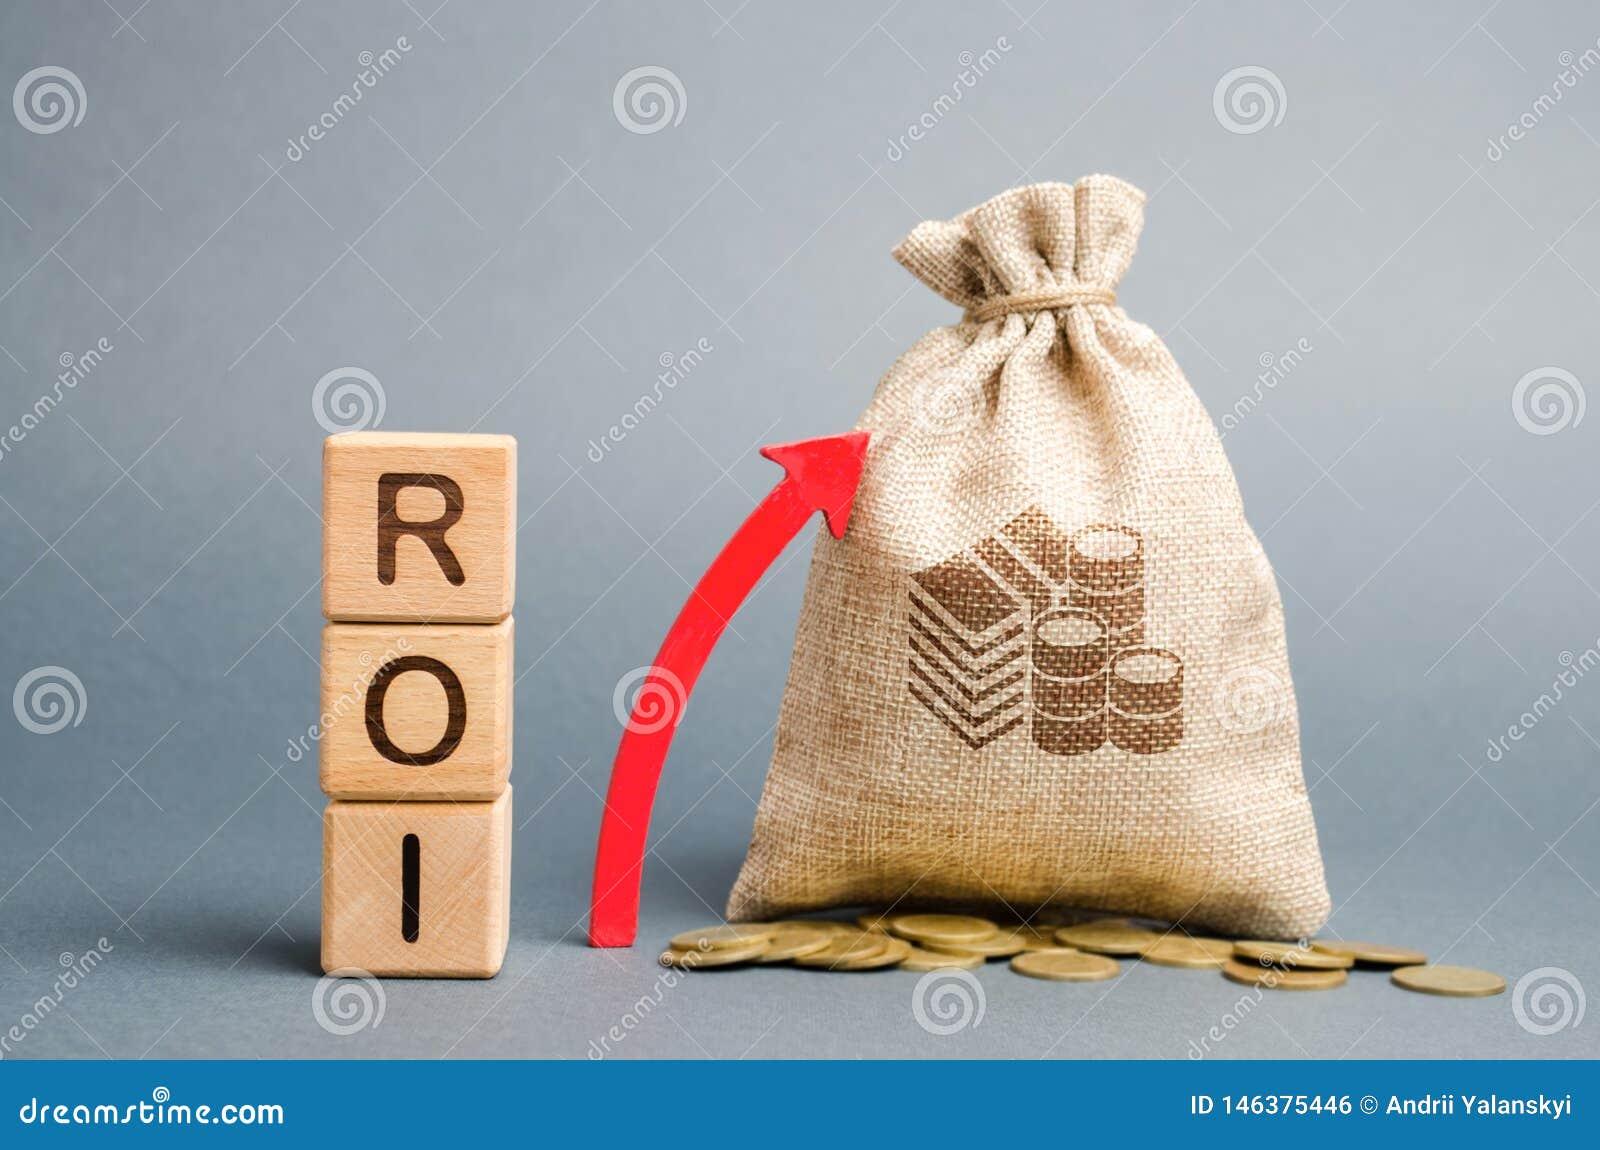 De houten blokken met het woord ROI en de omhooggaande pijl met het geld doen in zakken Hoog niveau van bedrijfsrentabiliteit Ren